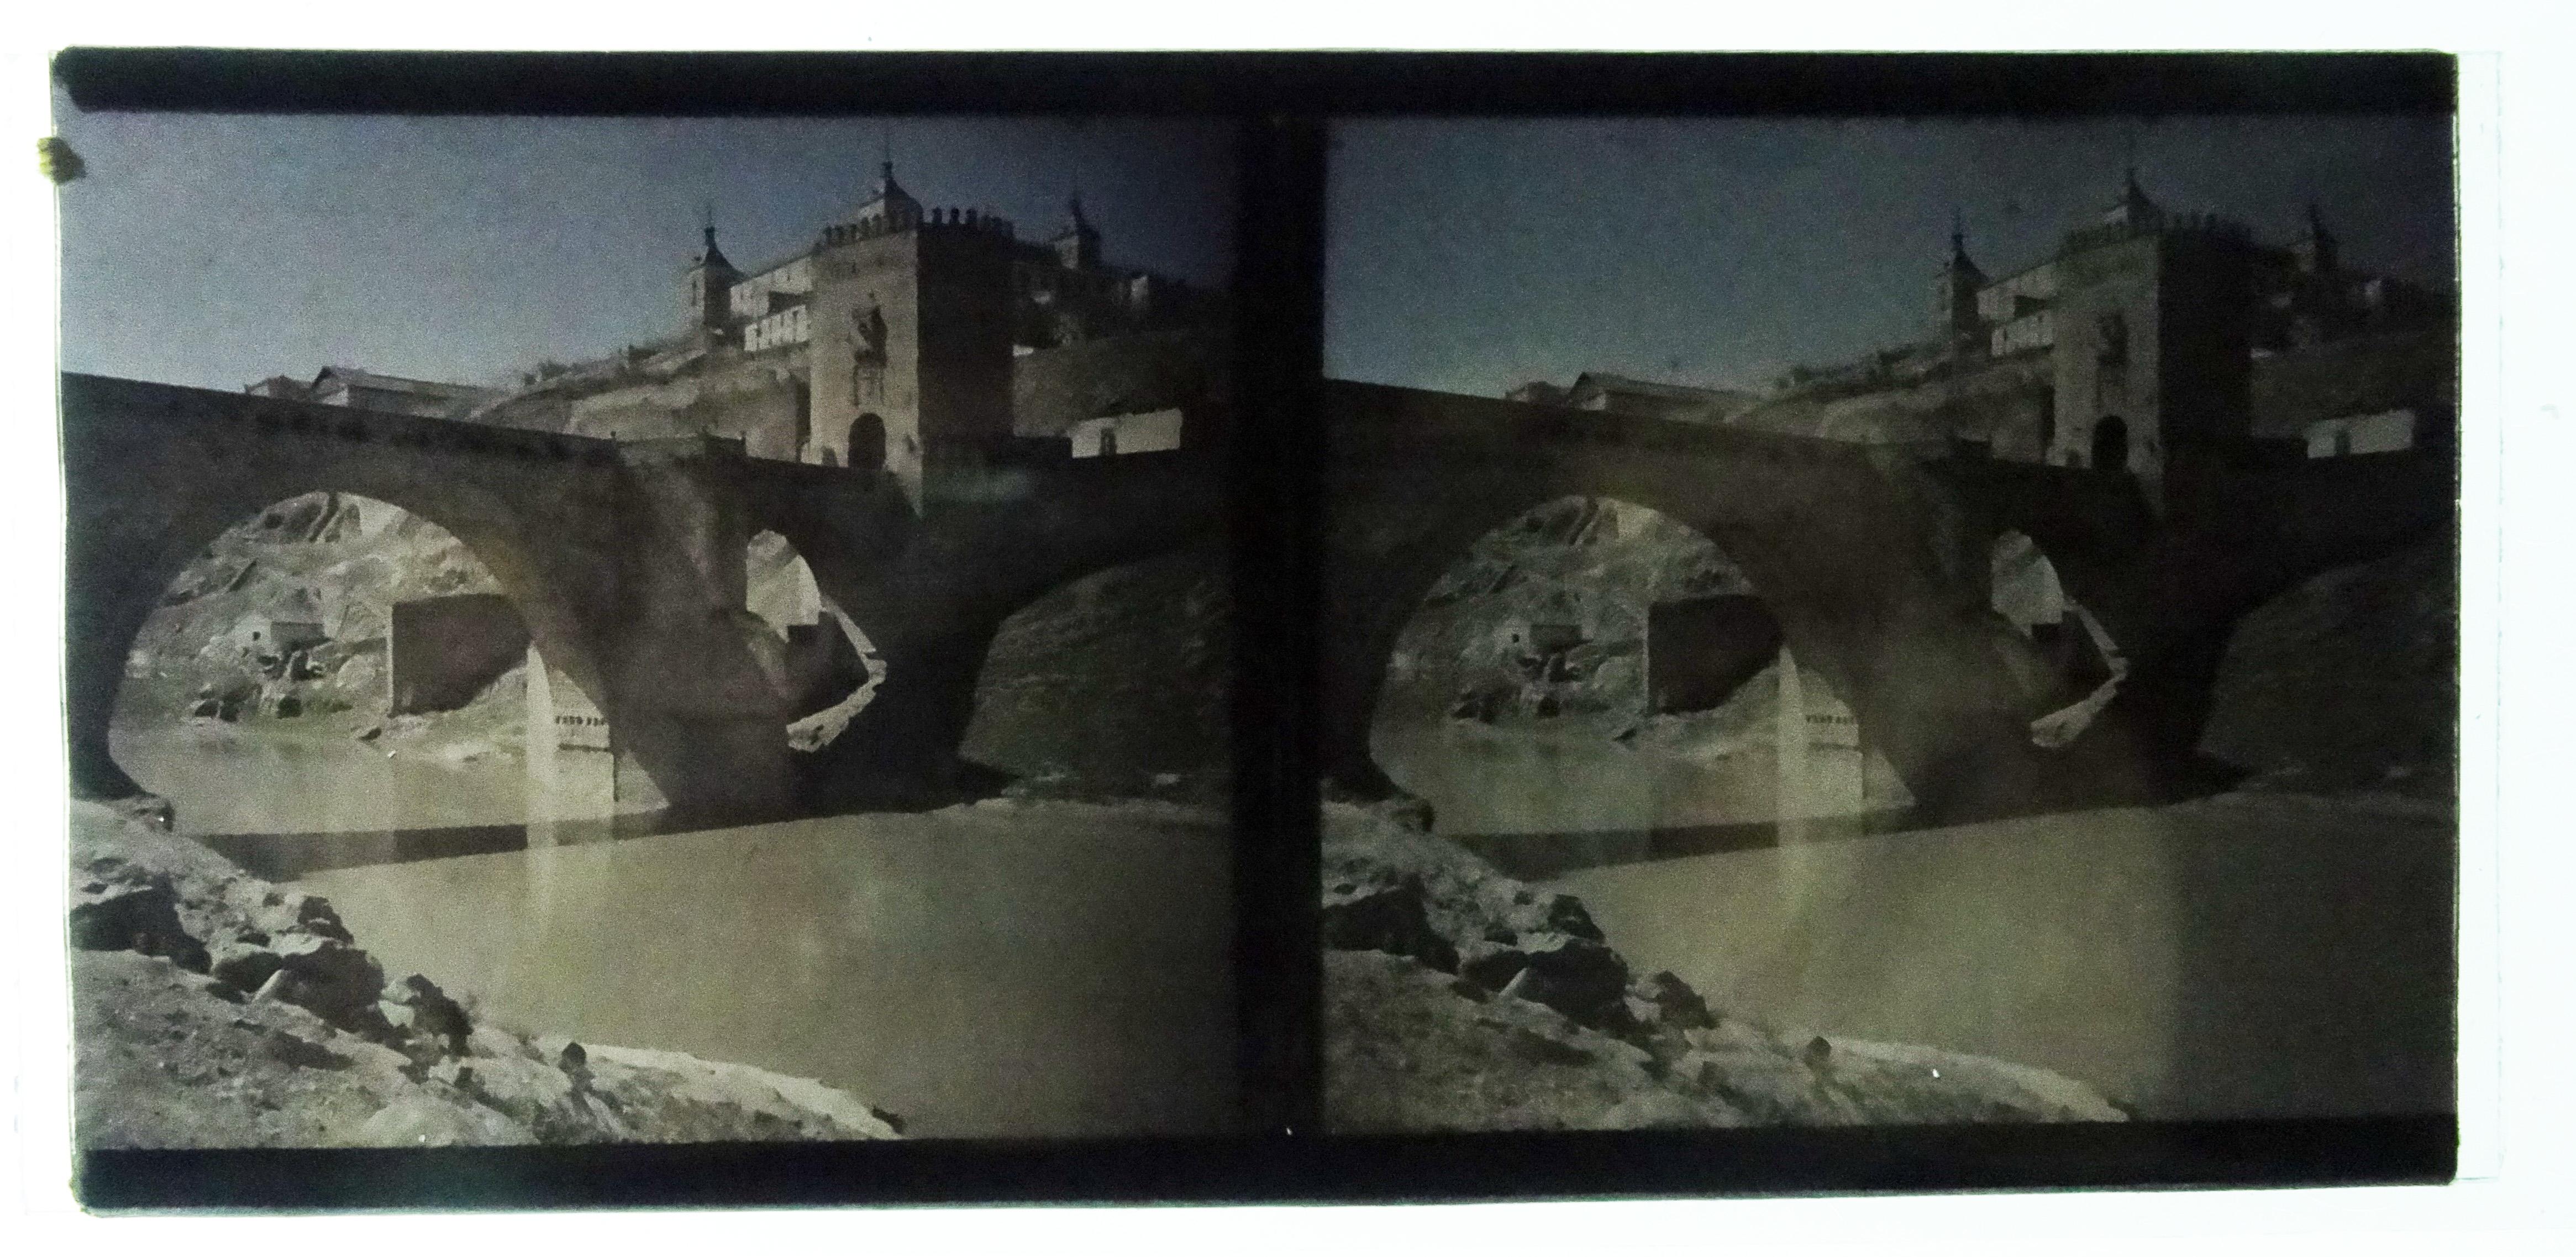 Autocromo del Puente de Alcántara. Fotografía de Francisco Rodríguez Avial hacia 1910 © Herederos de Francisco Rodríguez Avial